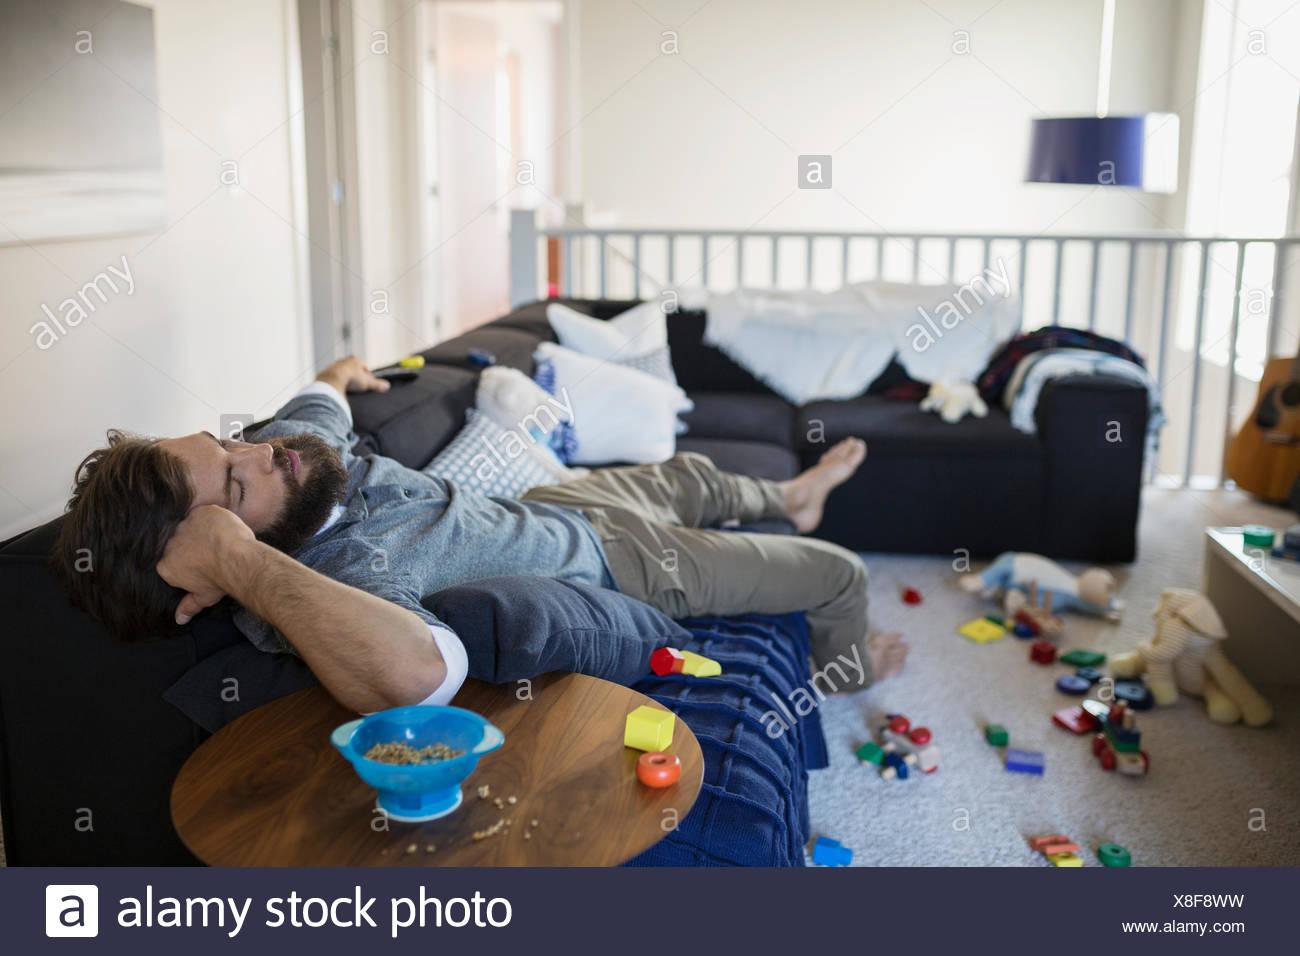 L'homme épuisé sieste sur canapé entouré par des jouets Photo Stock